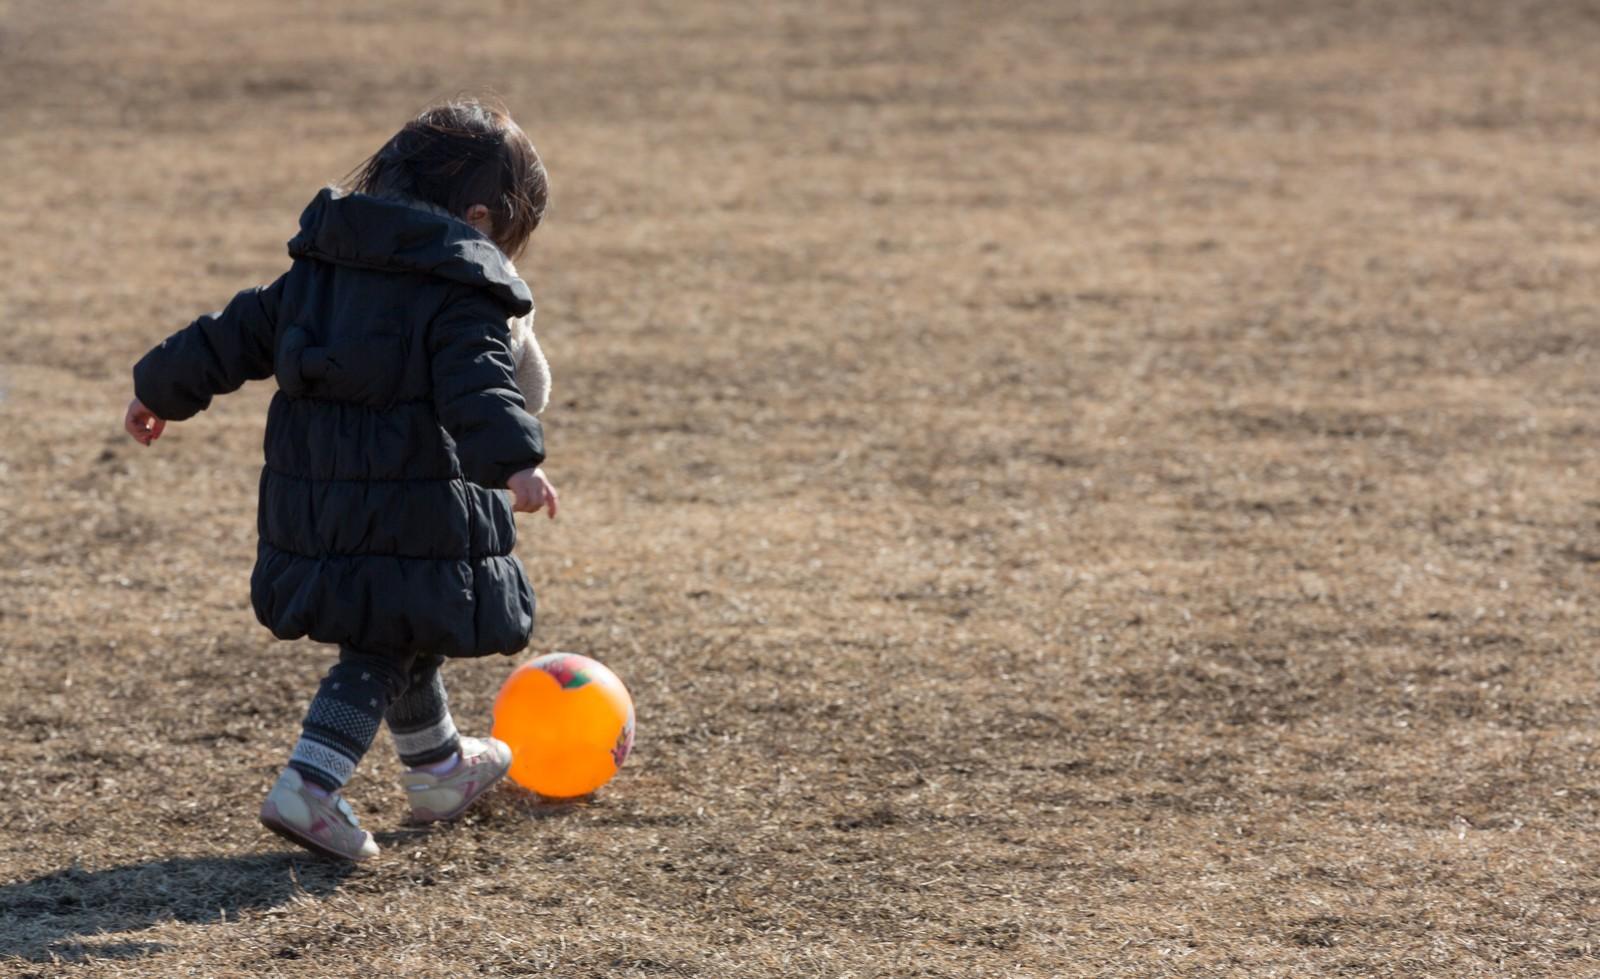 子どもを預けてチャットレディをするなら、保育園の「一時保育」制度がおすすめ